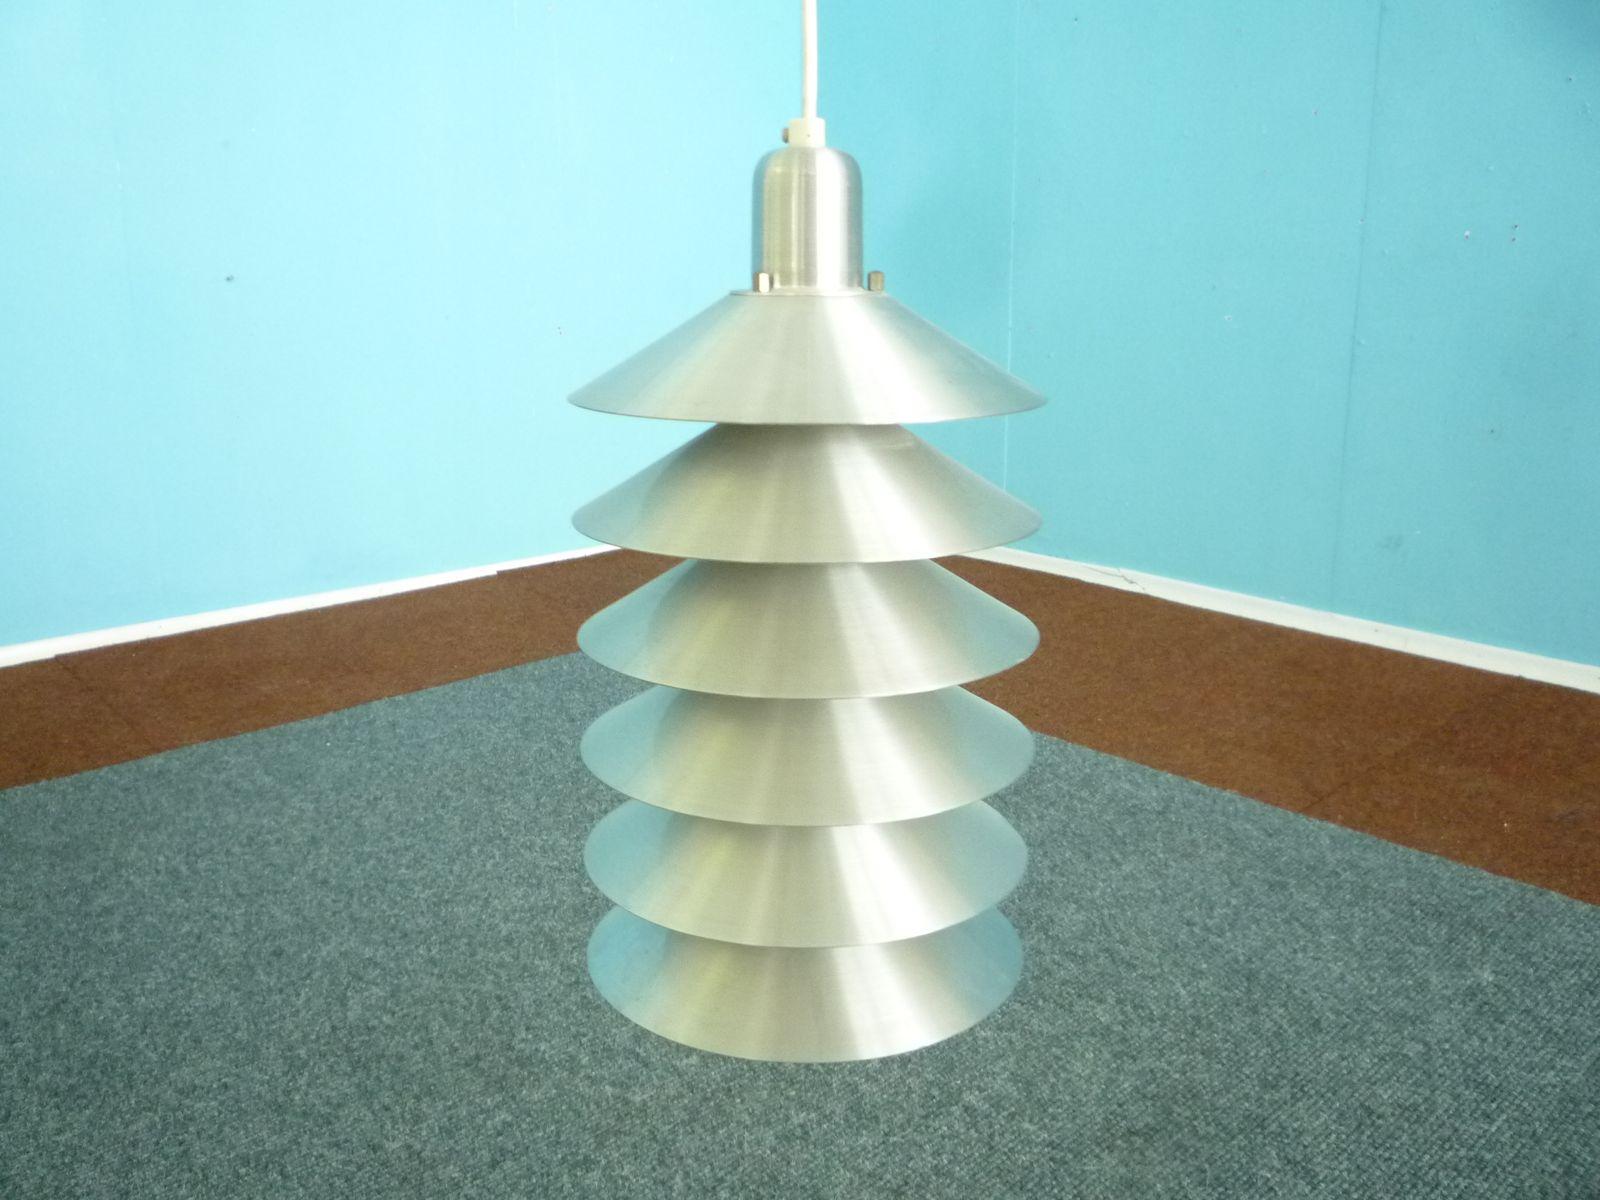 Tip-Top Lampe von Jørgen Gammelgaard für Design Forum, 1970er